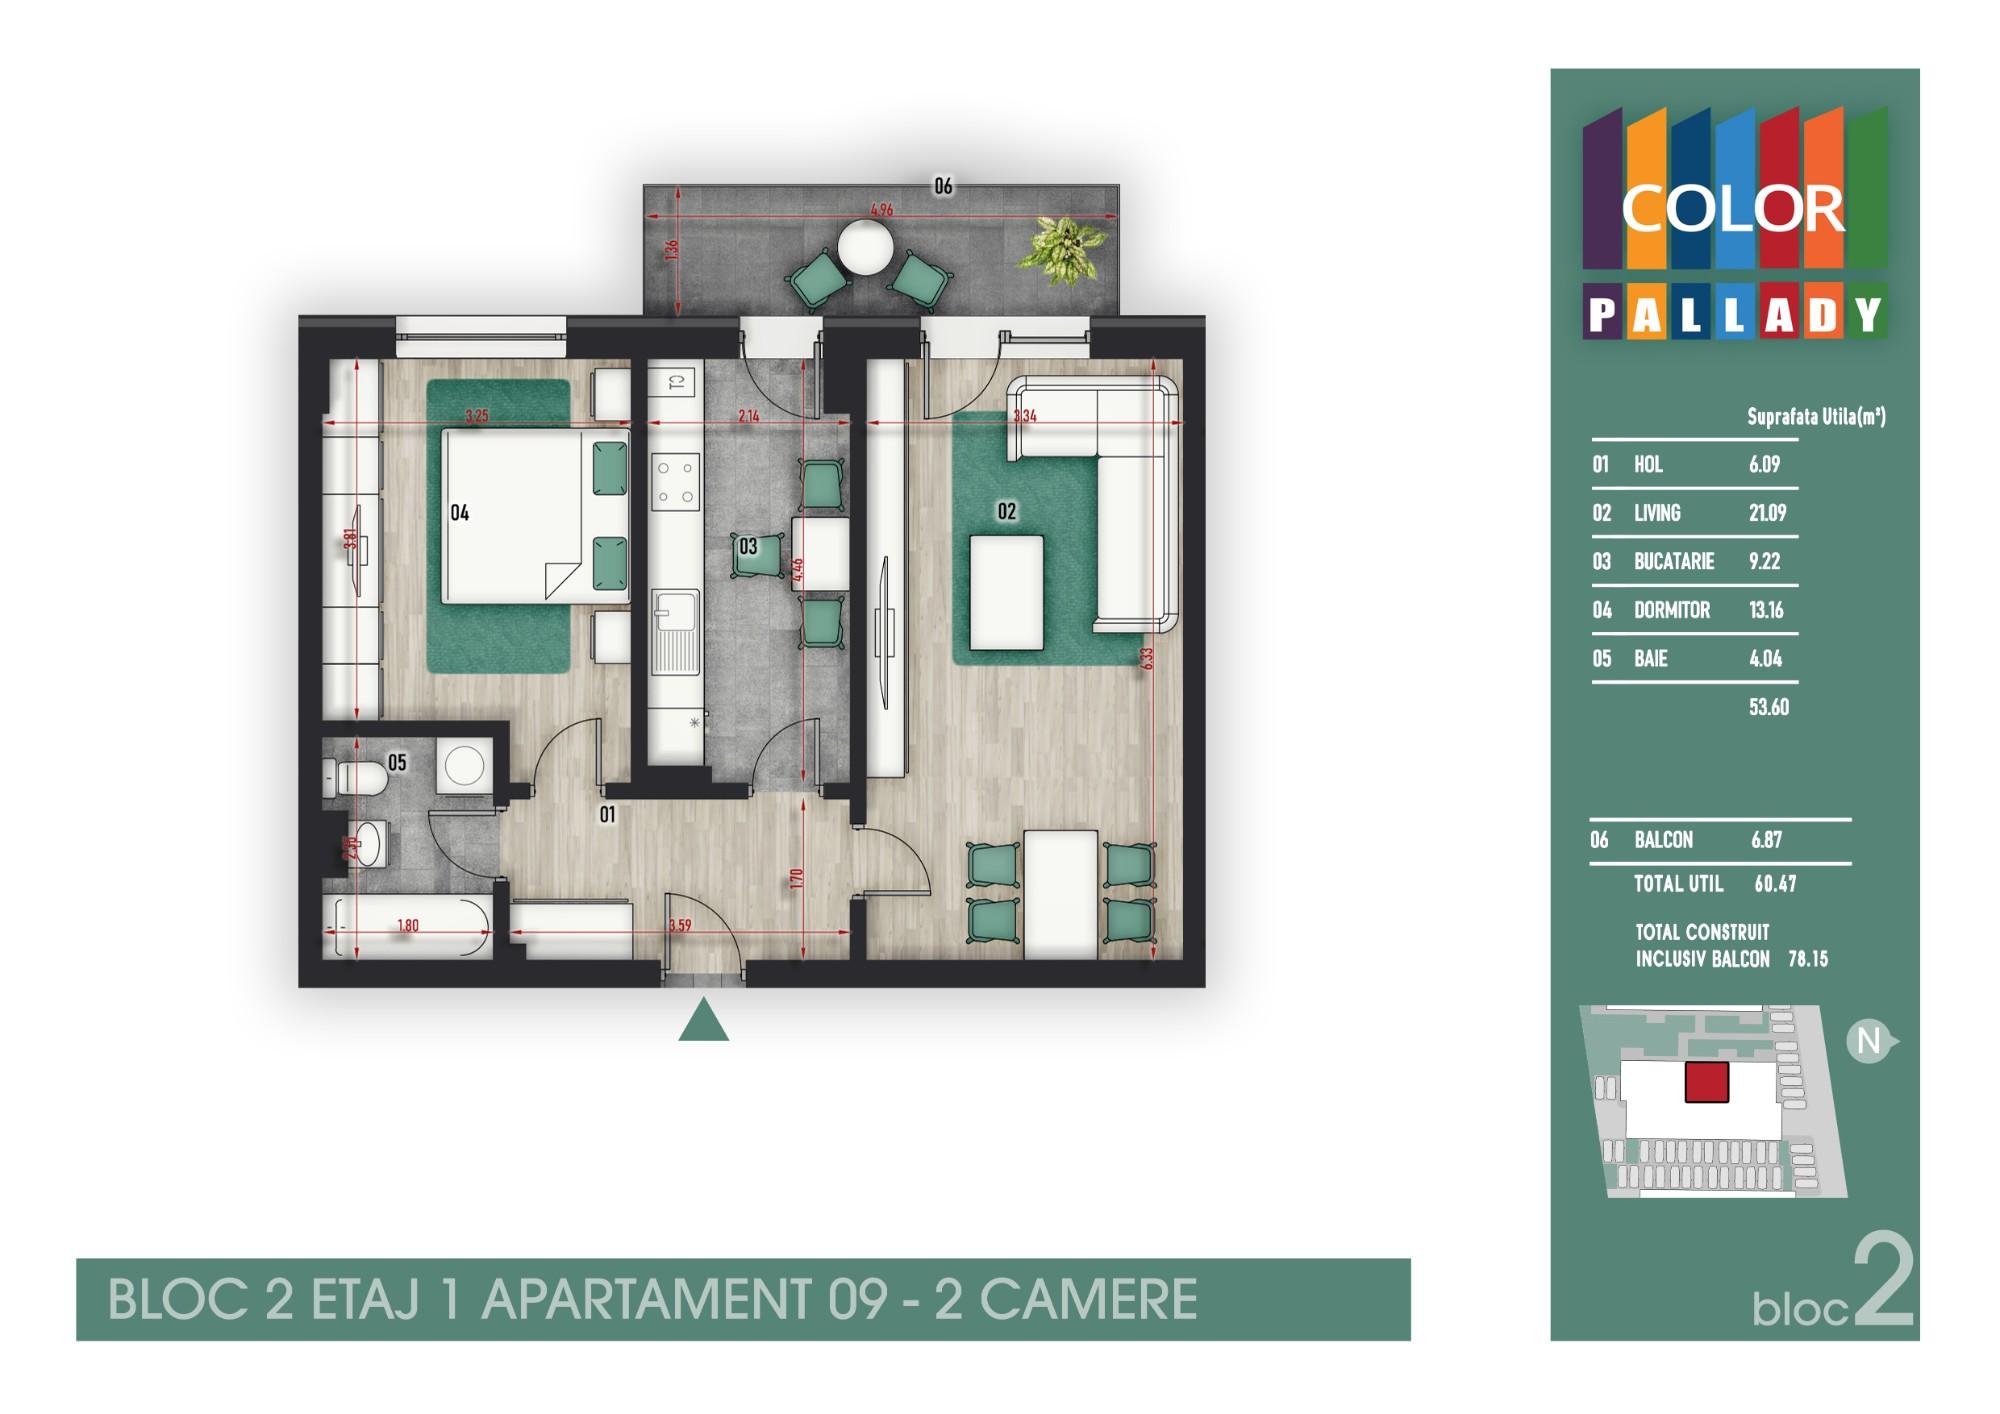 Bloc 2 - Etaj 1 - Apartament 09